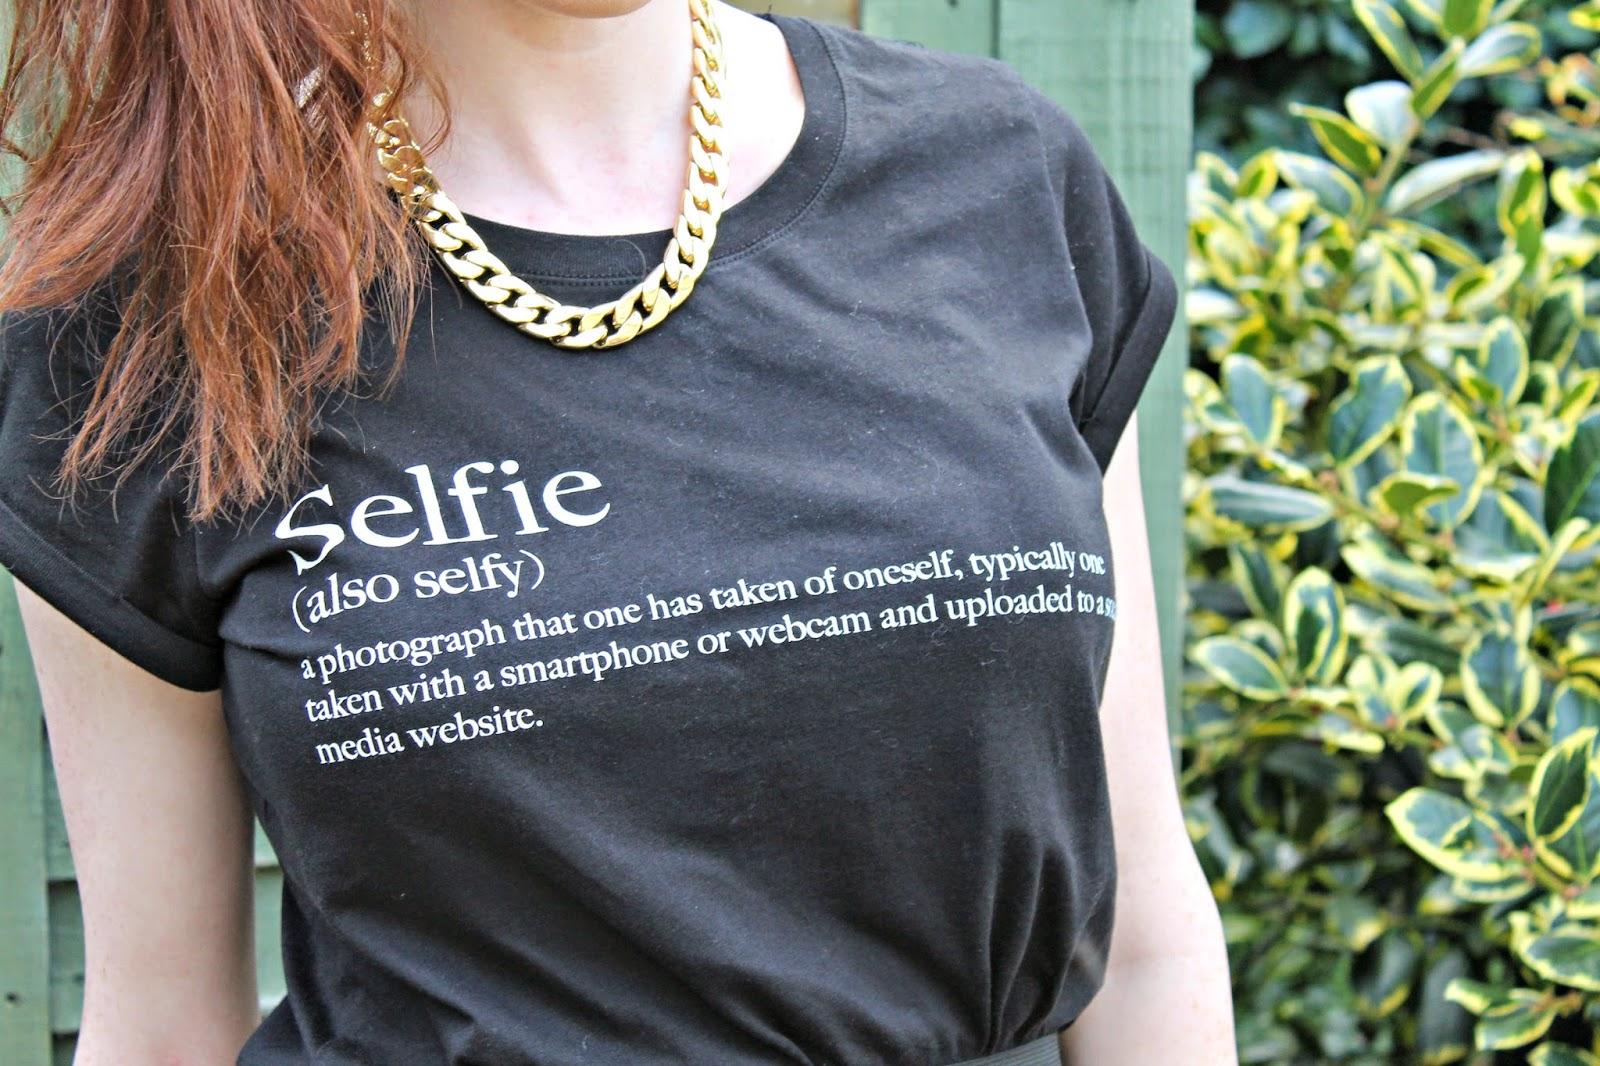 Selfie tshirt new look blog